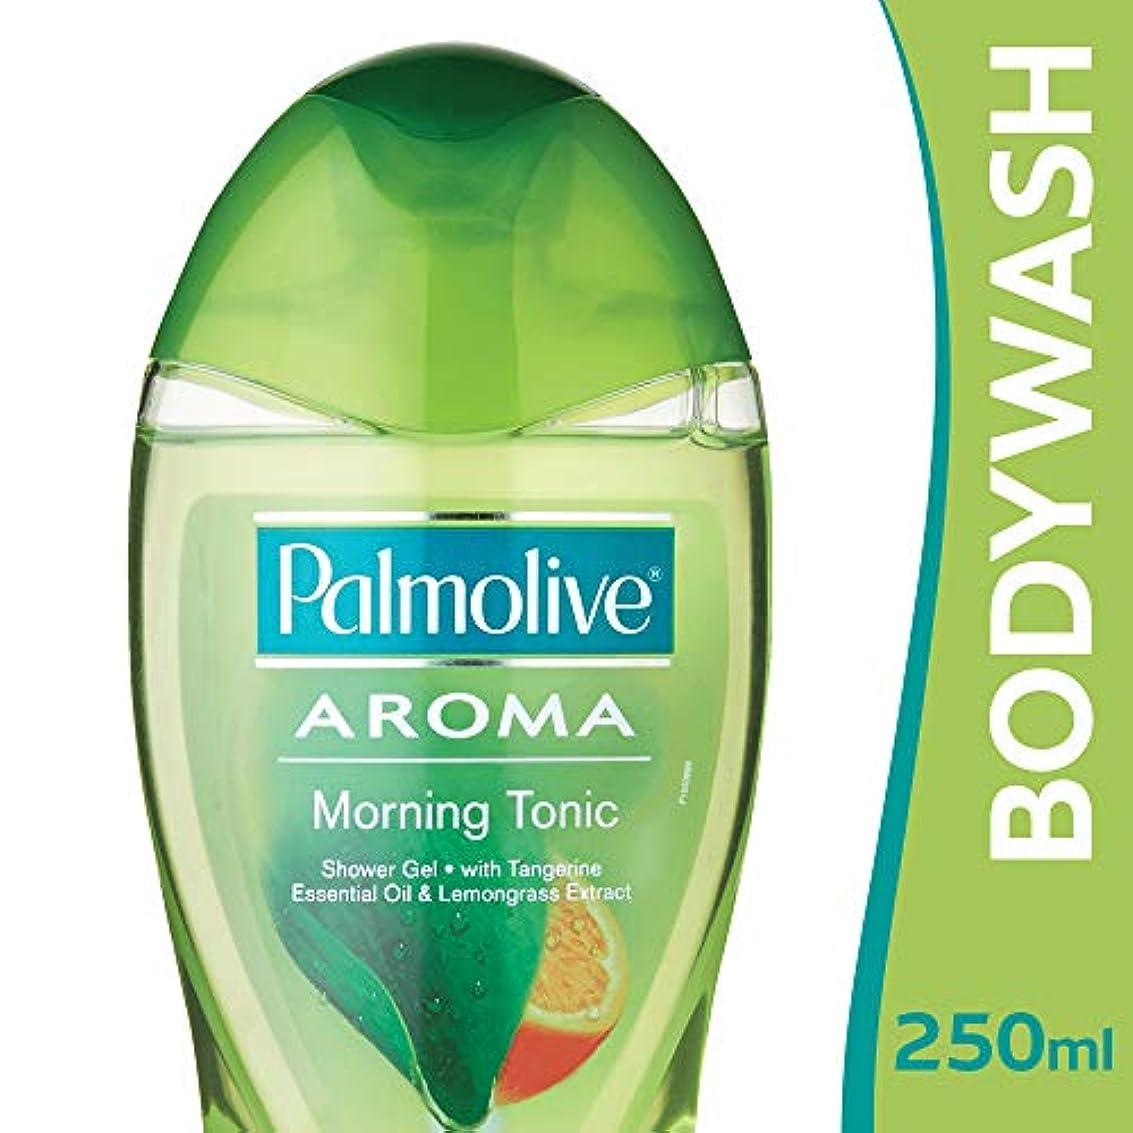 専門知識ニックネーム報酬Palmolive Bodywash Aroma Morning Tonic Shower Gel - 250ml